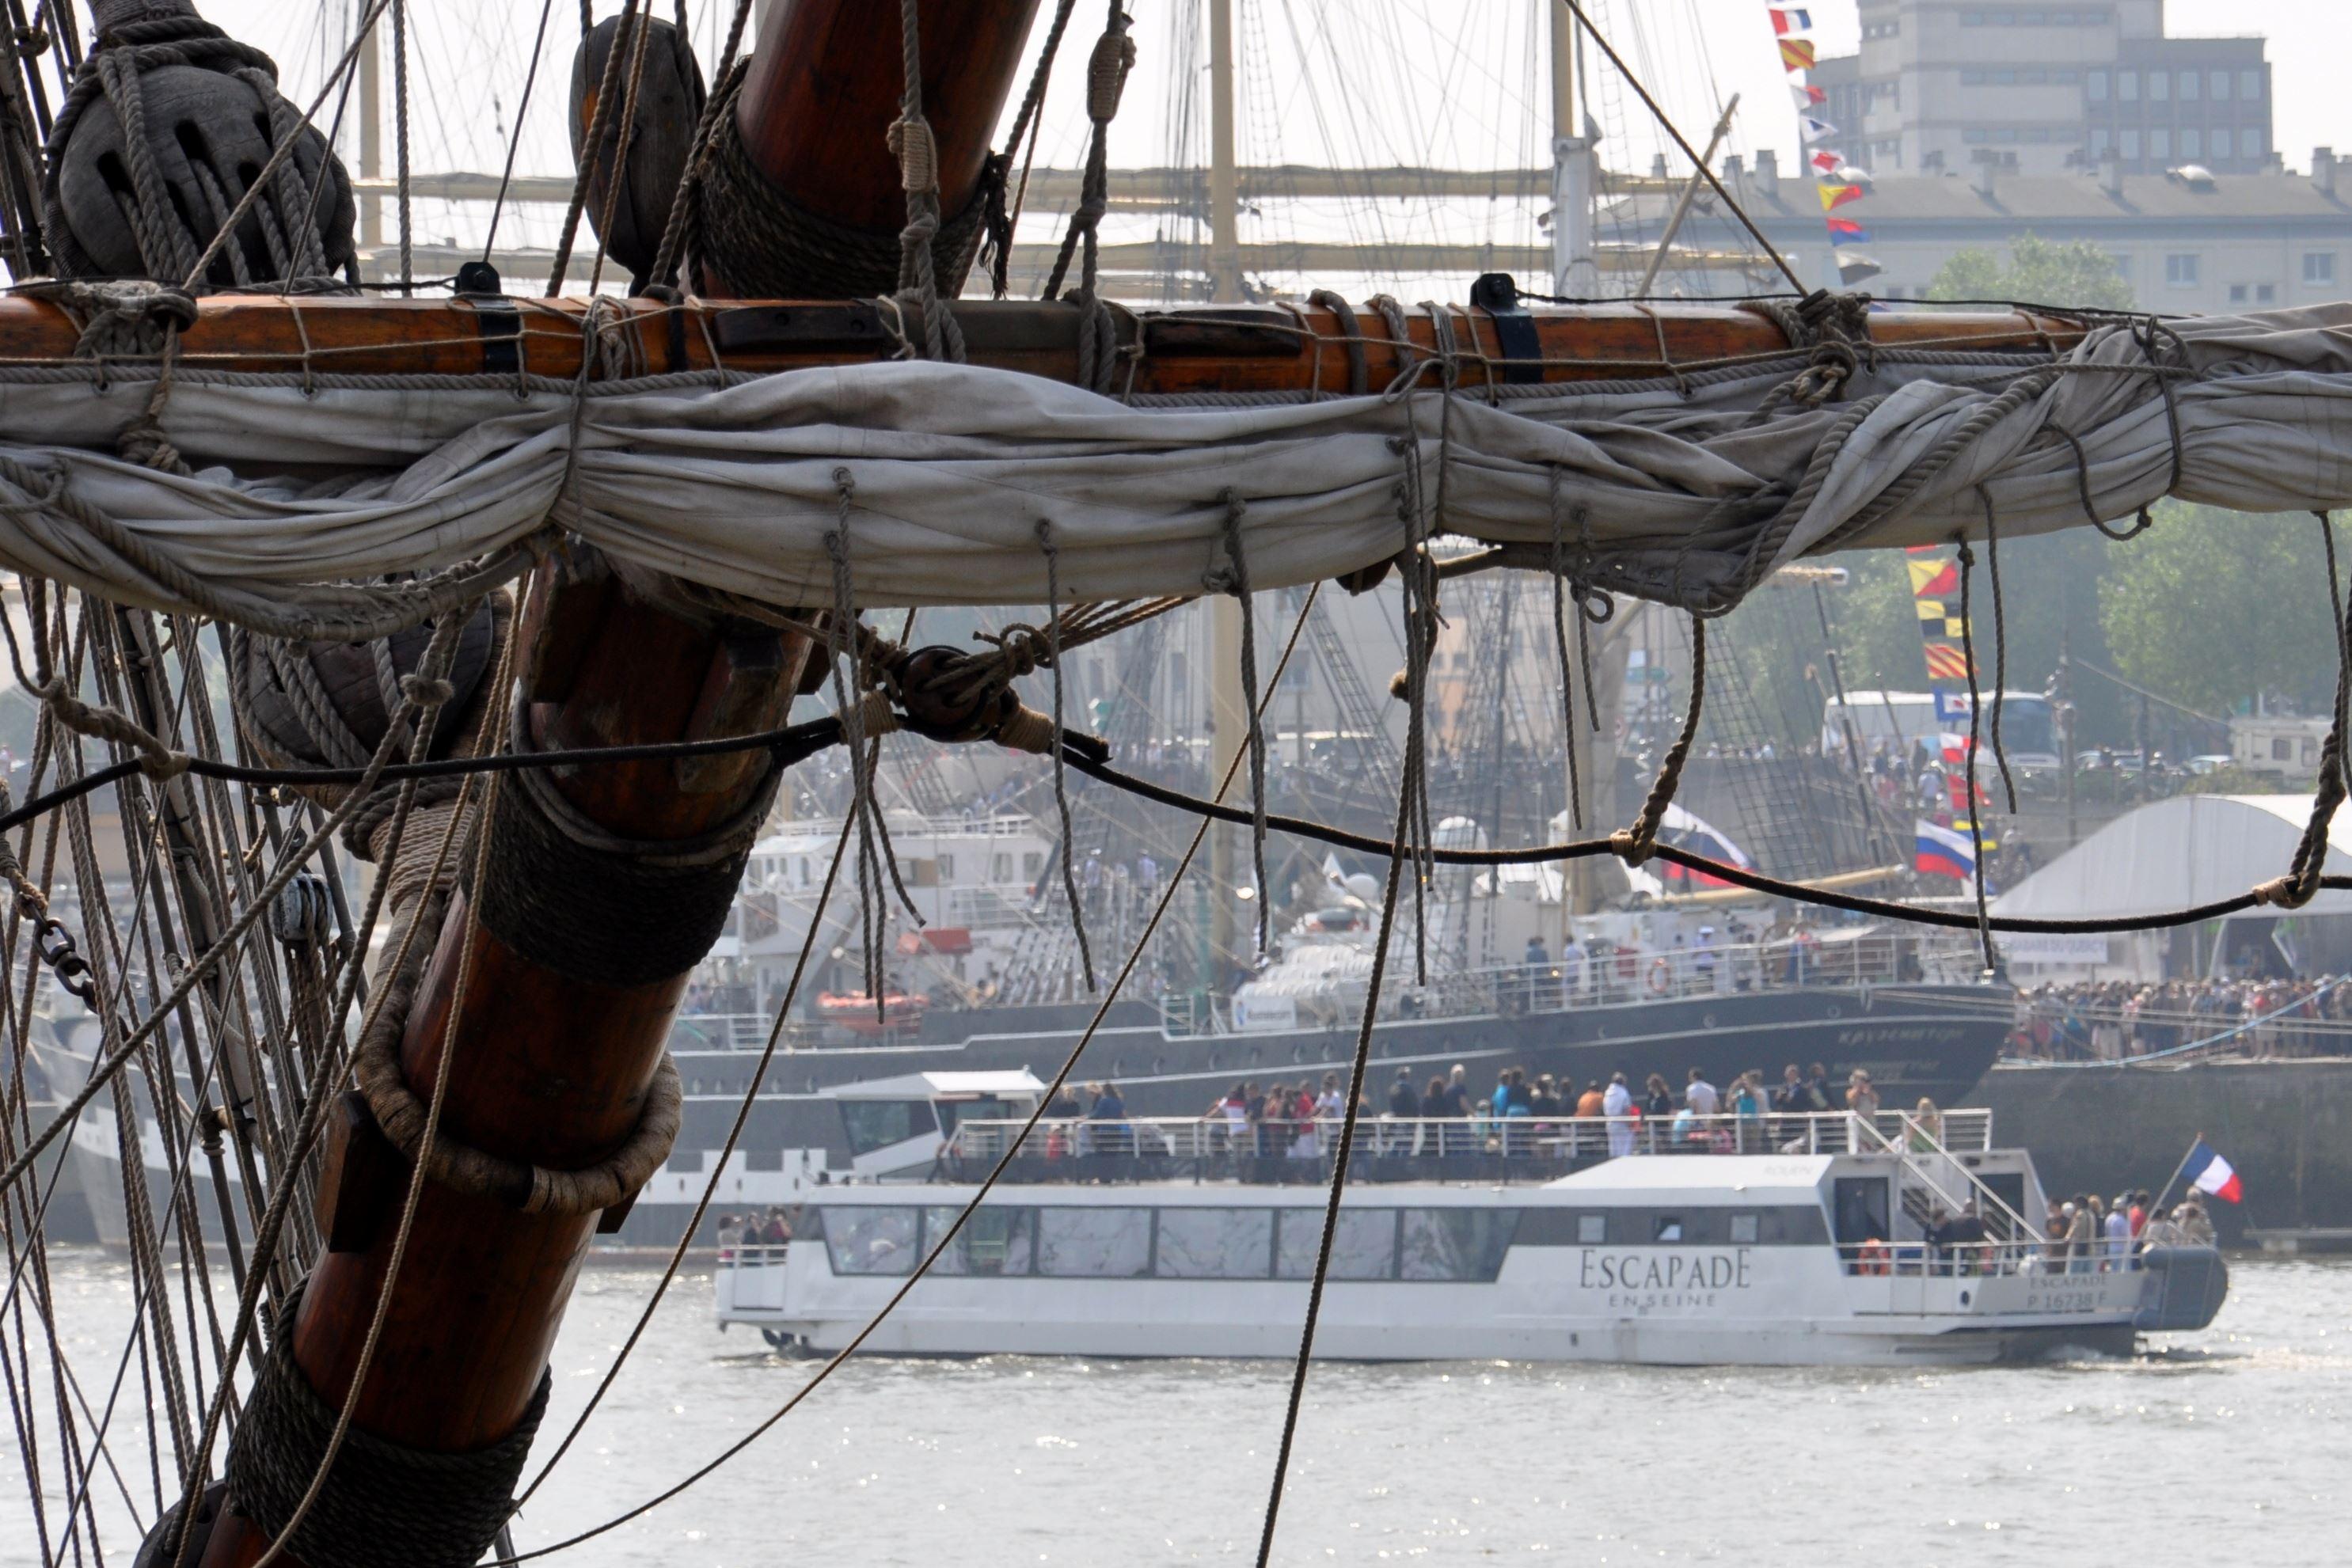 Dîner croisière au cœur de l'Armada, à bord de l'Escapade